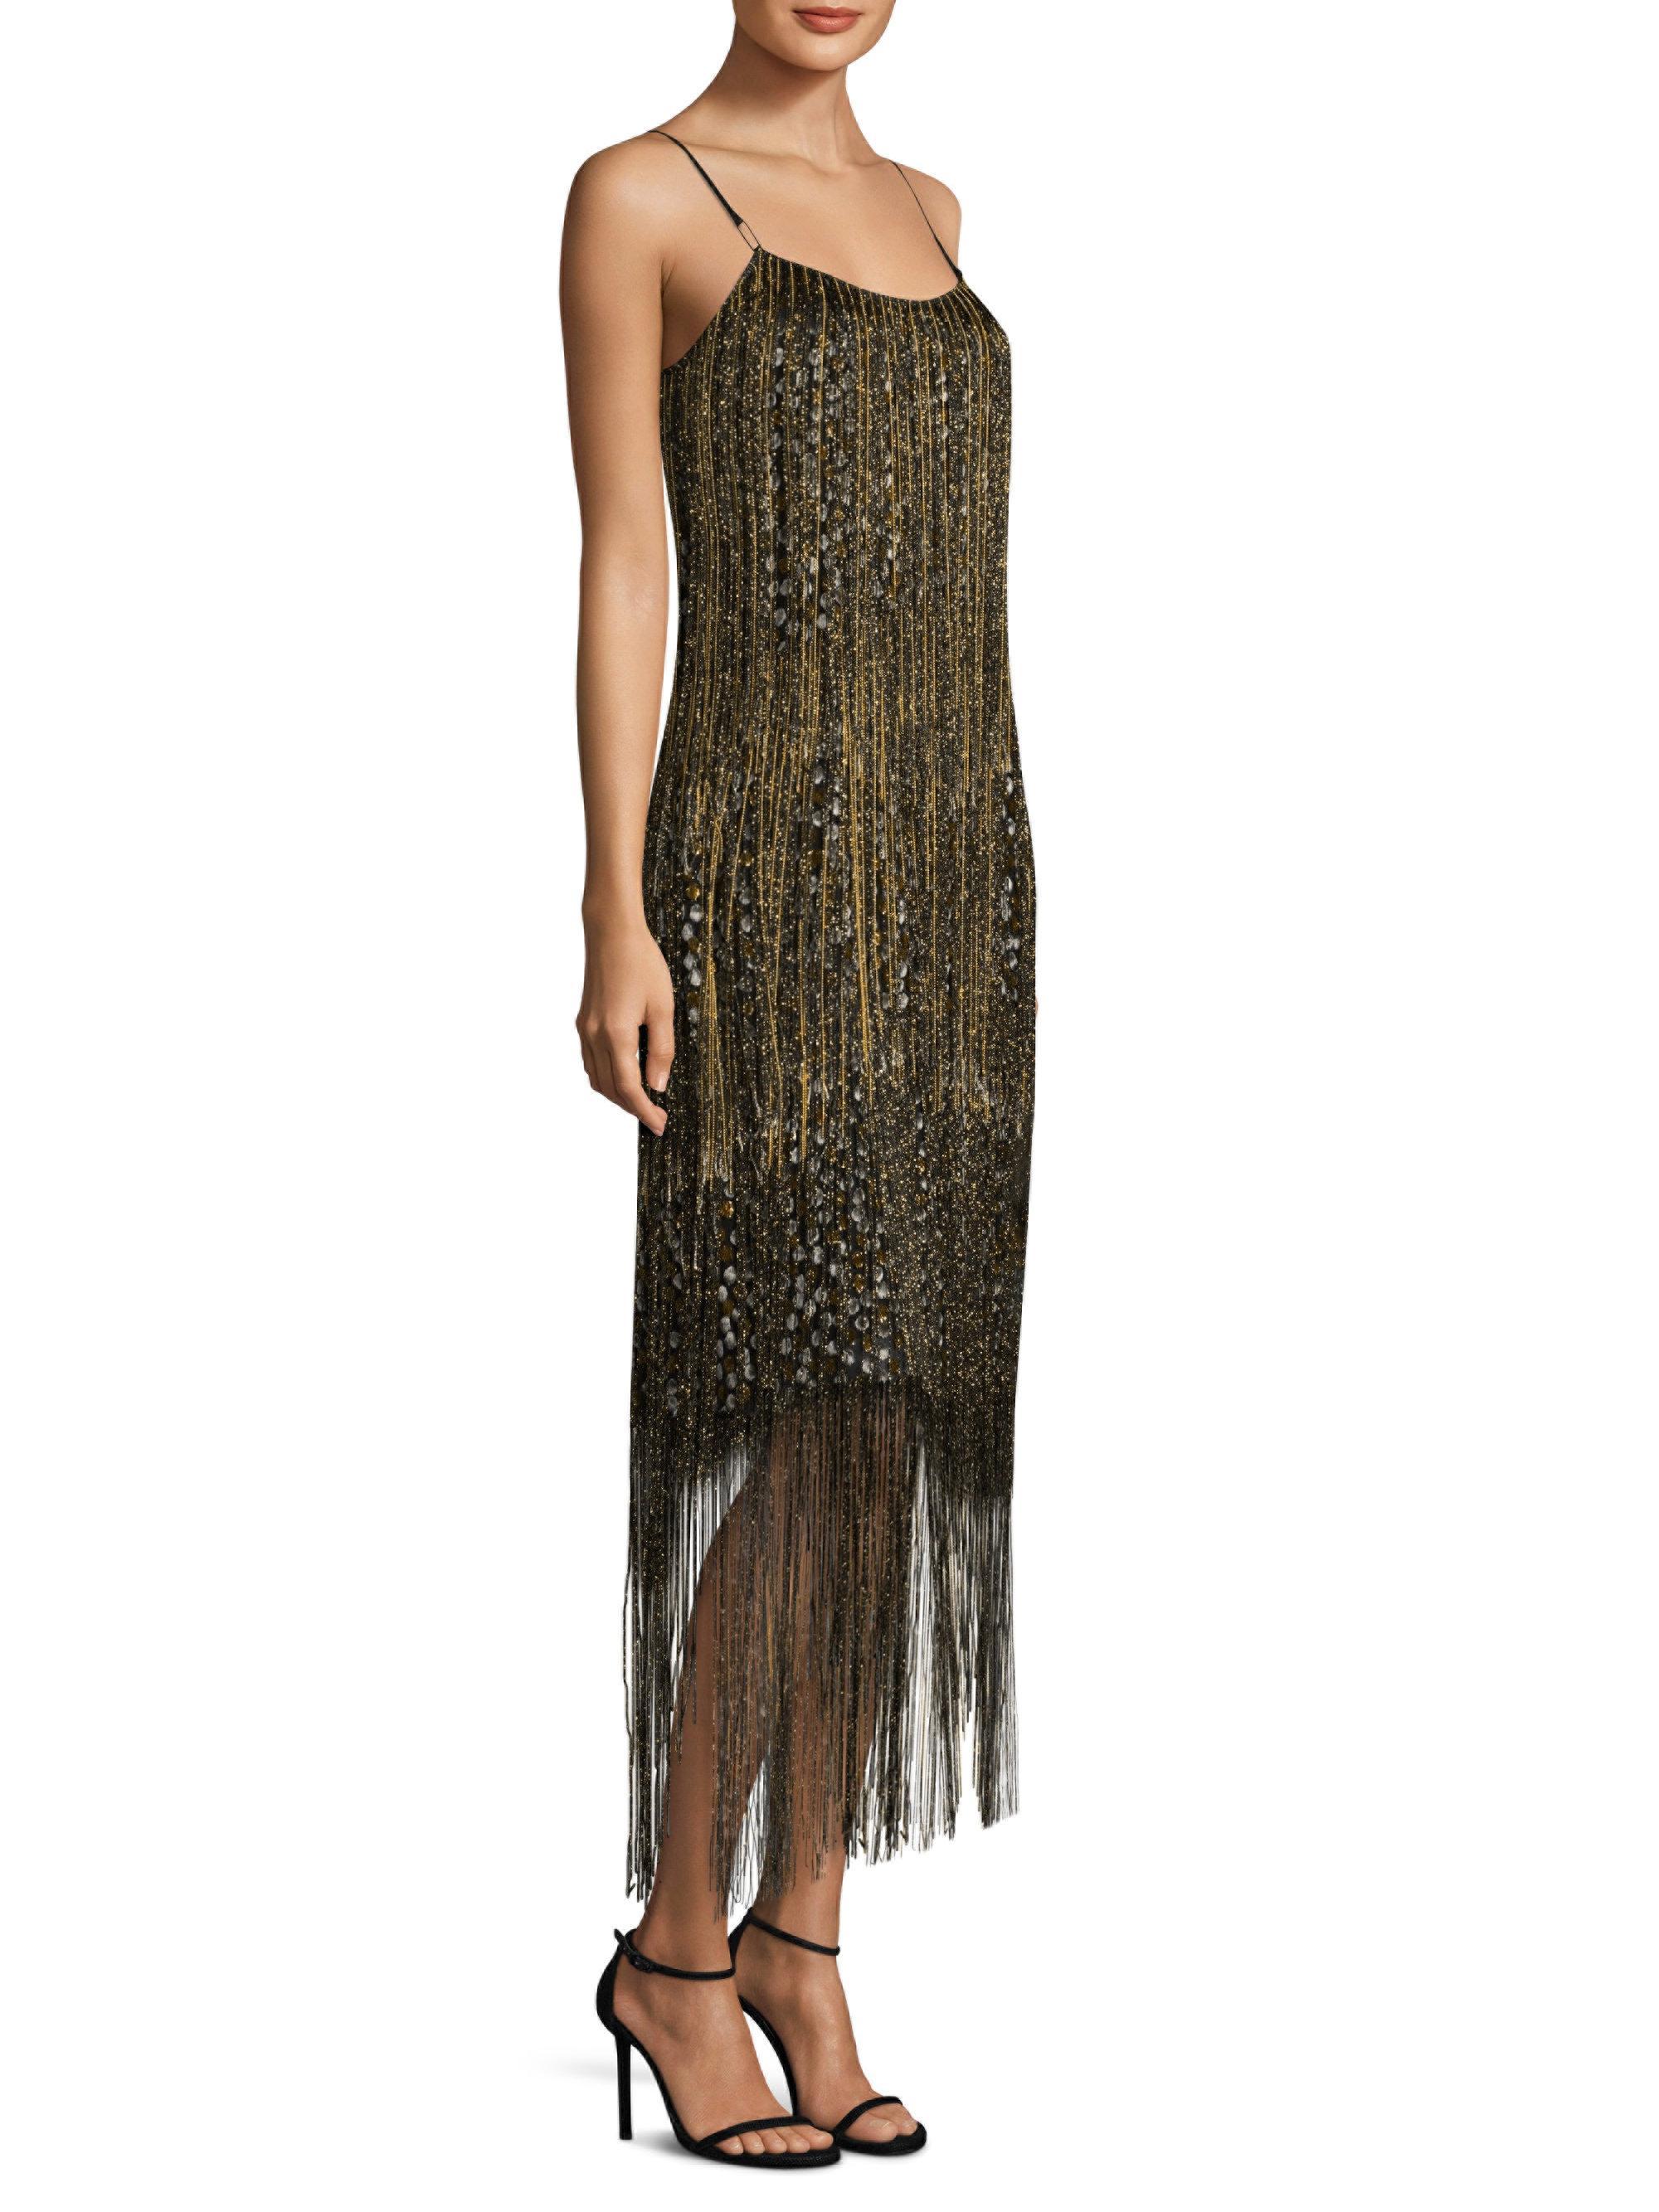 Elie Tahari Woman Pacey Fringed Metallic Flocked Chiffon Midi Dress Gold Size 4 Elie Tahari 3NqDlJMm